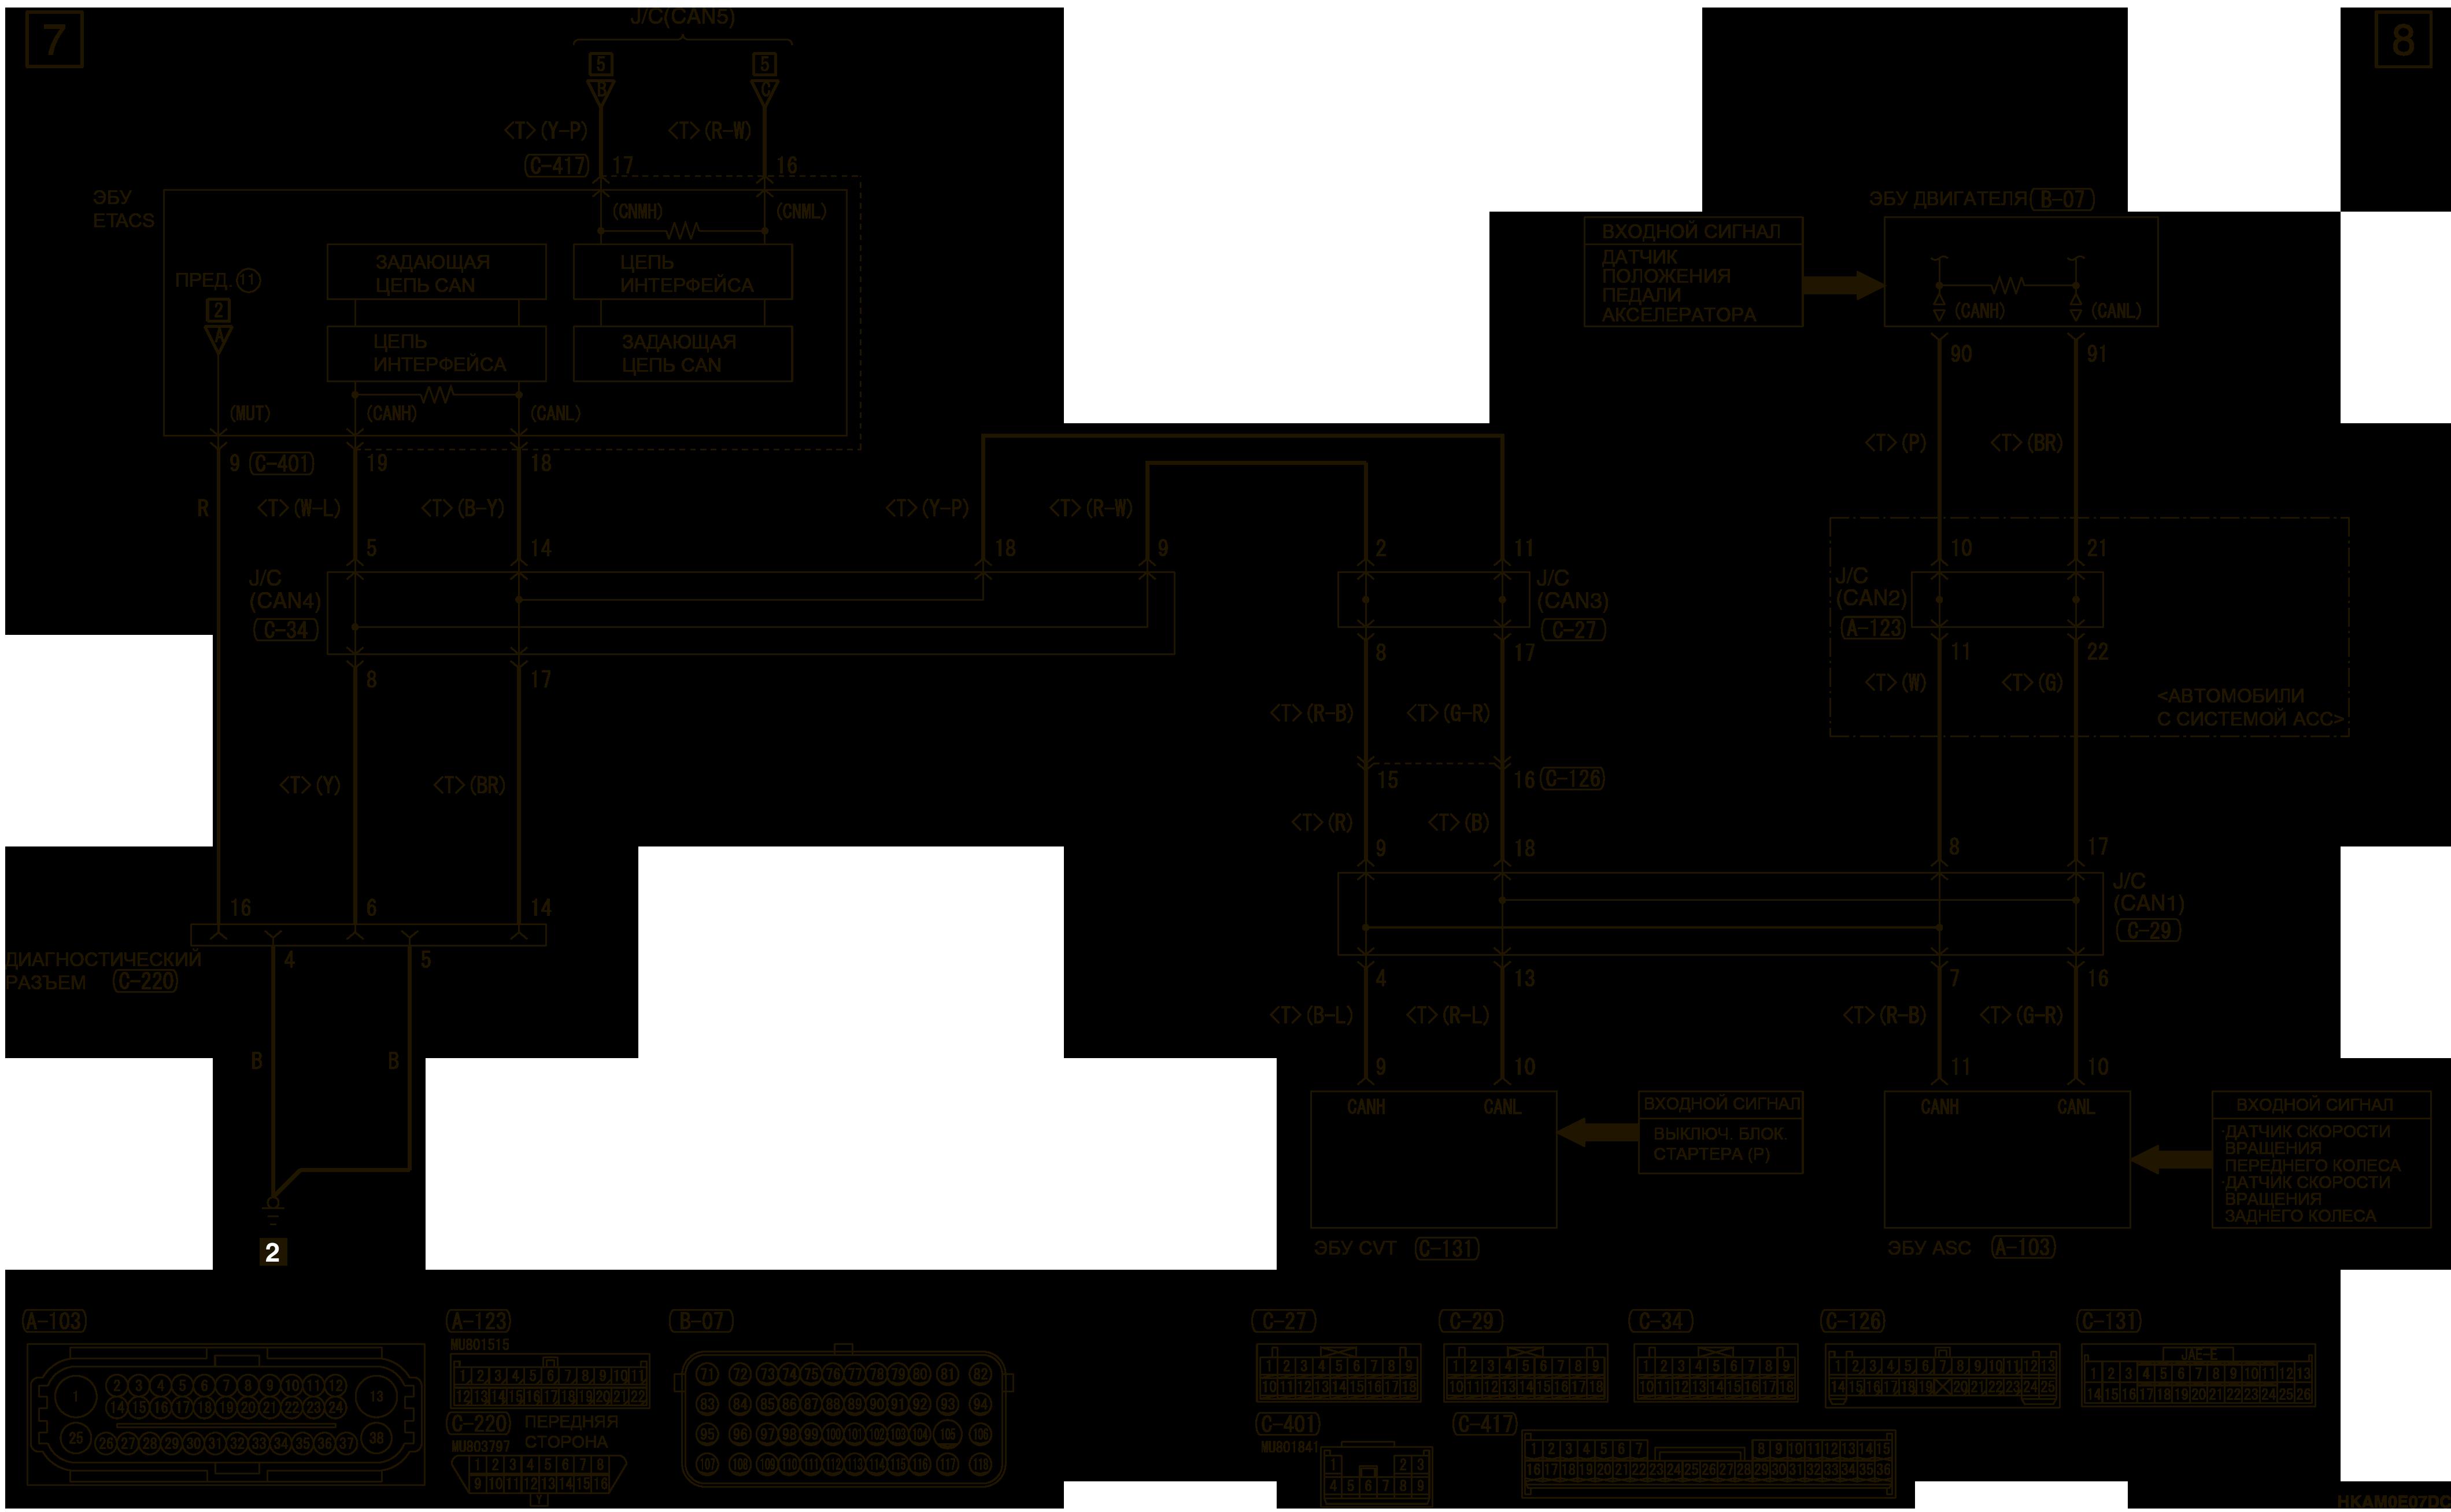 mmc аутлендер 3 2019 электросхемаЭЛЕКТРОПРИВОД ДВЕРИ БАГАЖНОГО ОТДЕЛЕНИЯ ПРАВОСТОРОННЕЕ УПРАВЛЕНИЕ